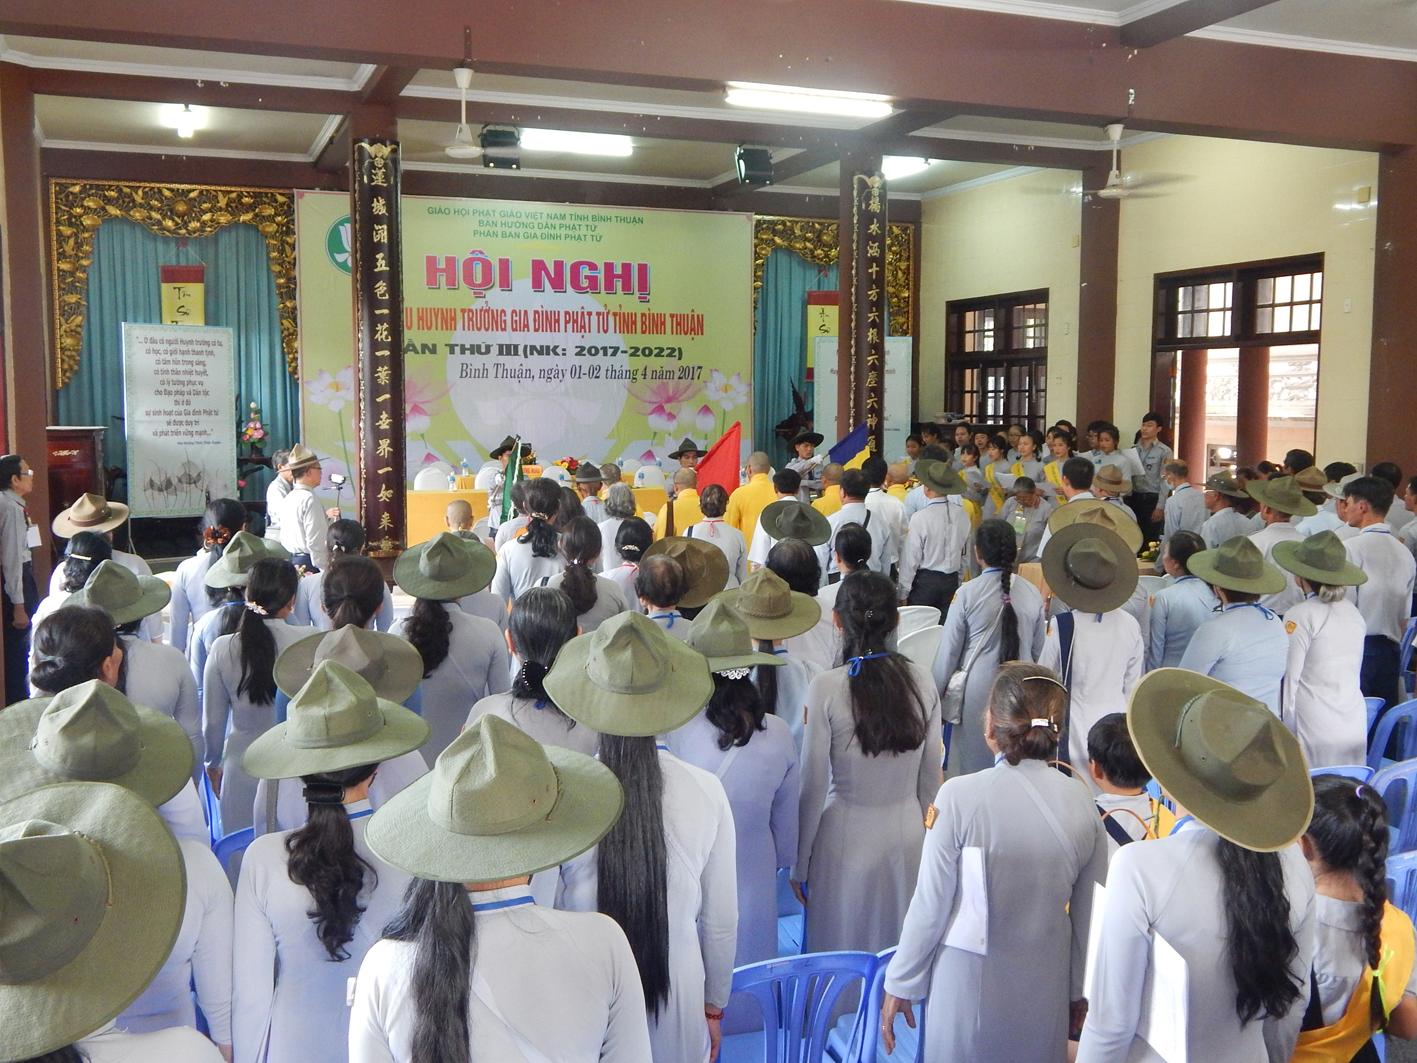 Hội nghị huynh trưởng tỉnh Bình Thuận lần thứ III